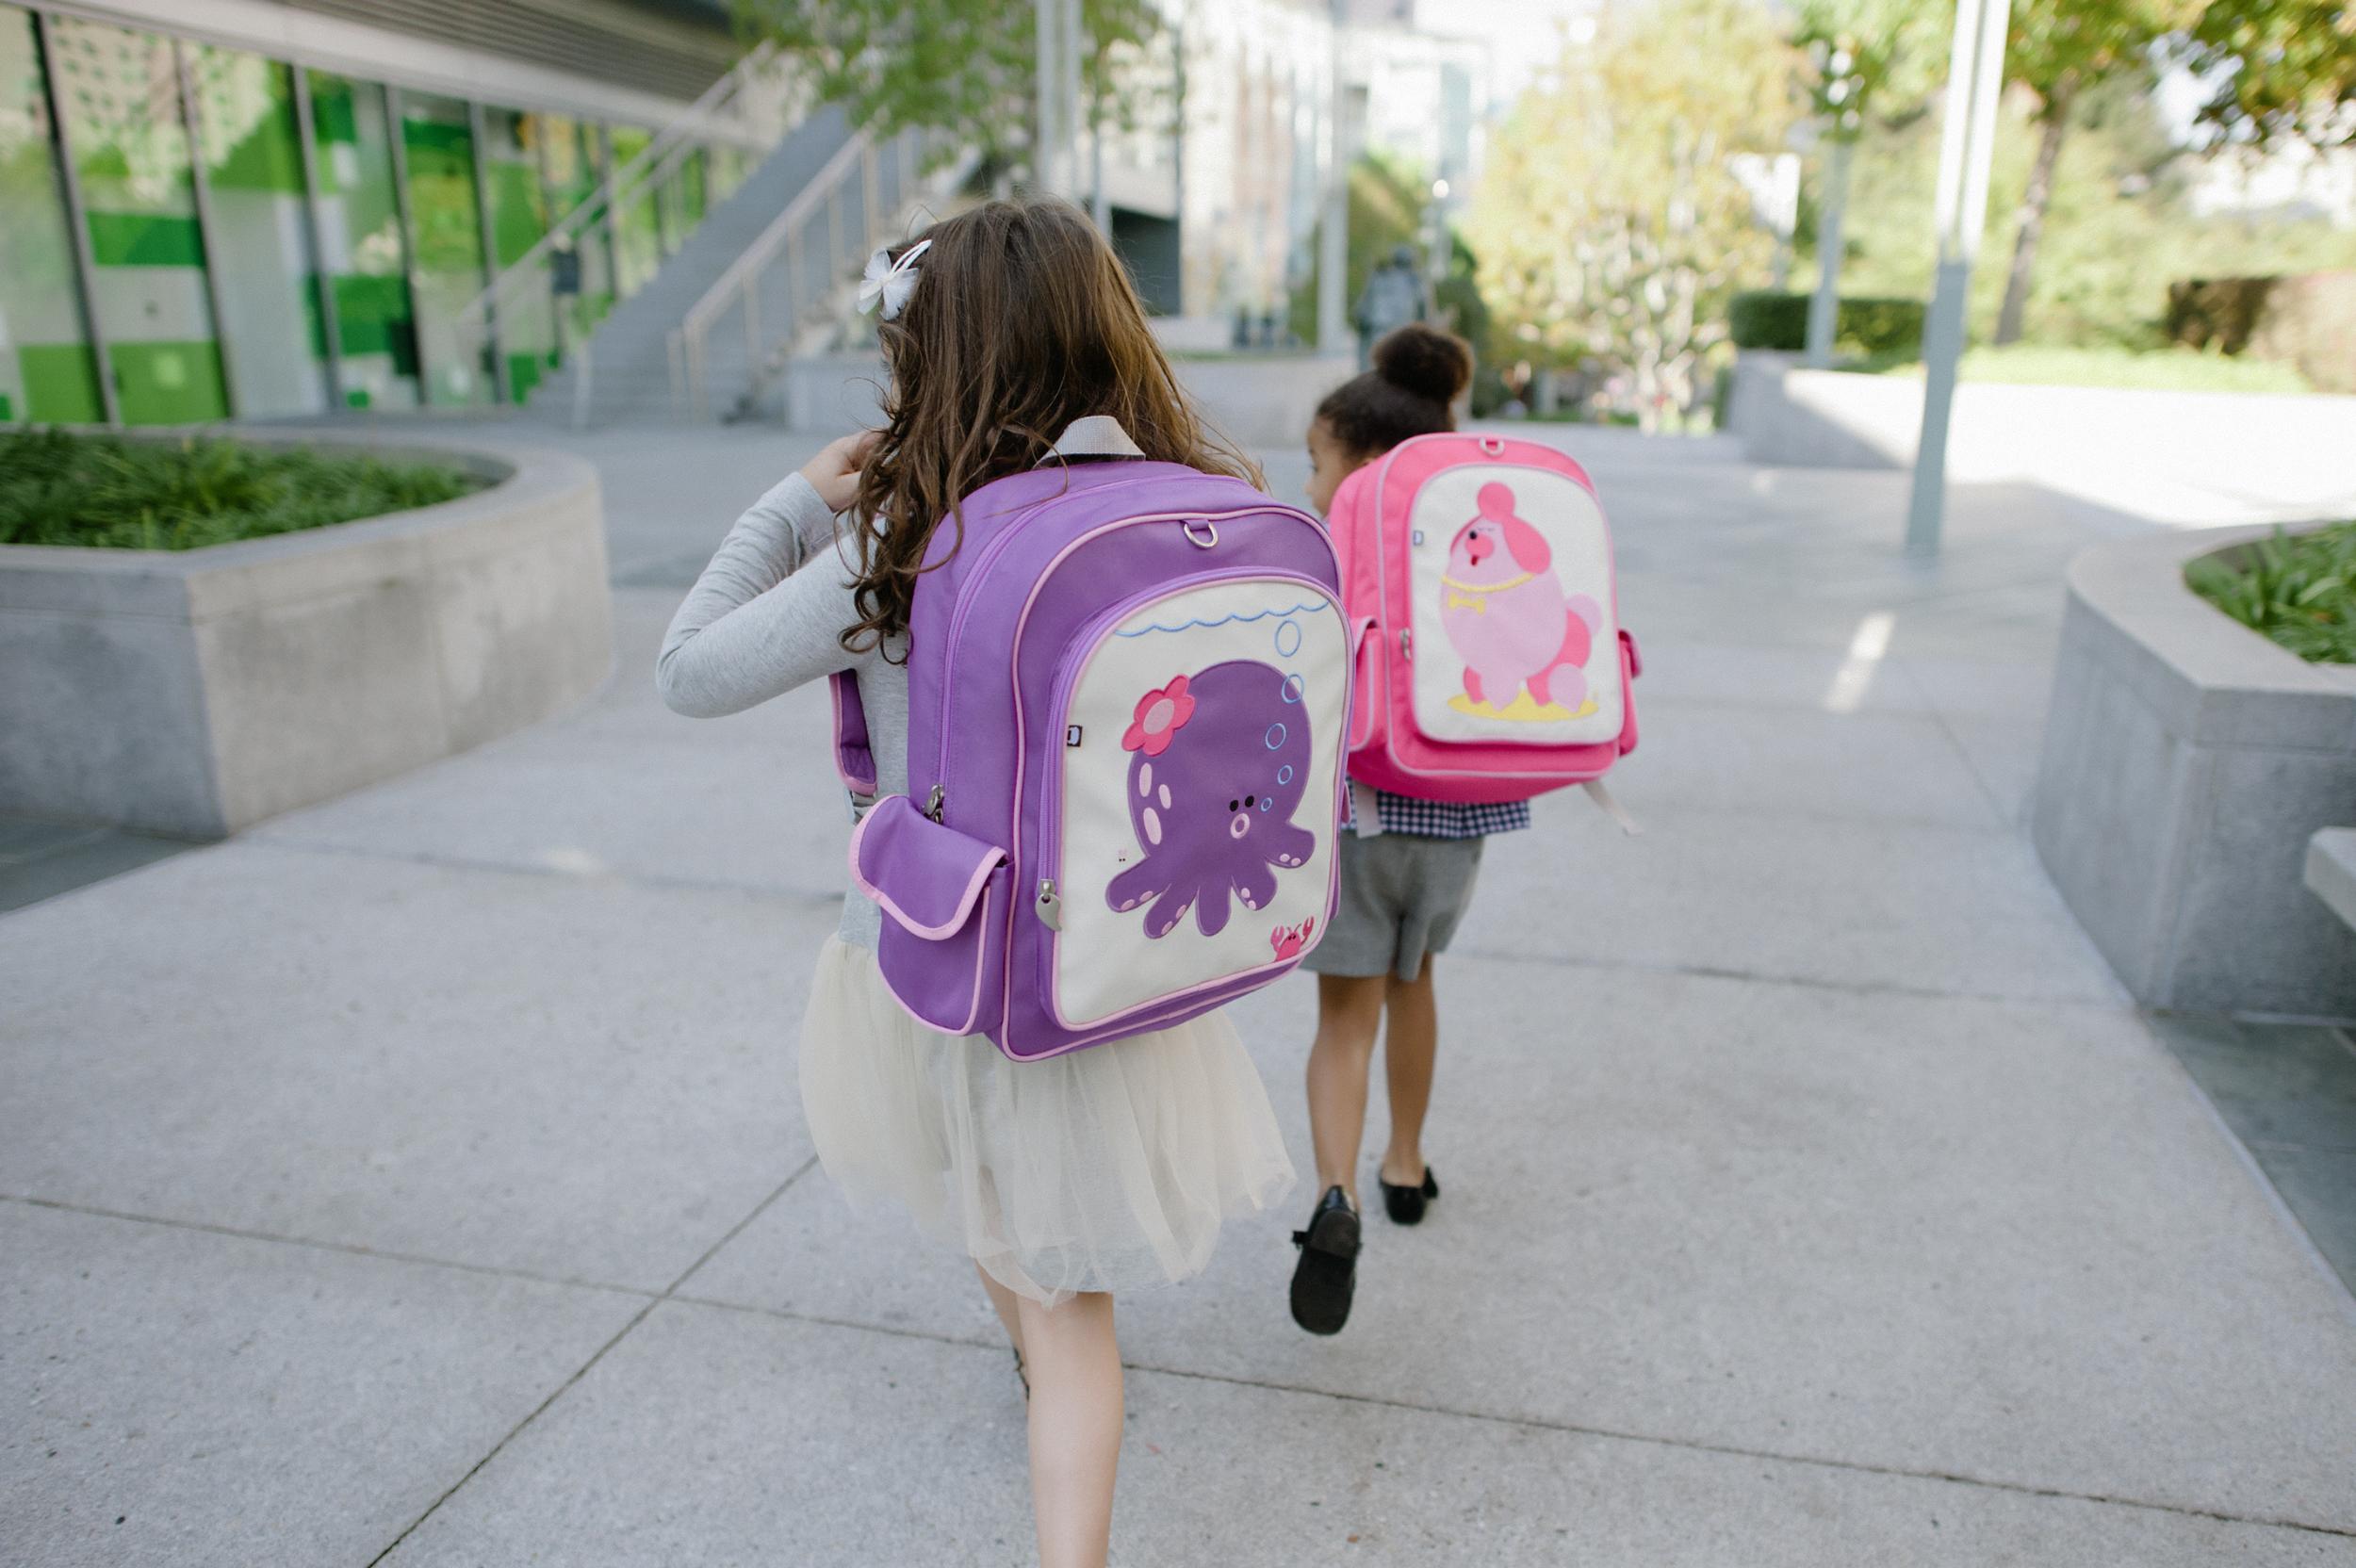 Keli tyrimai patvirtino neginčytiną ryšį tarp vaikų mokyklinės kuprinės svorio ir nugaros skausmų. (fairyblossom.com nuotr.)